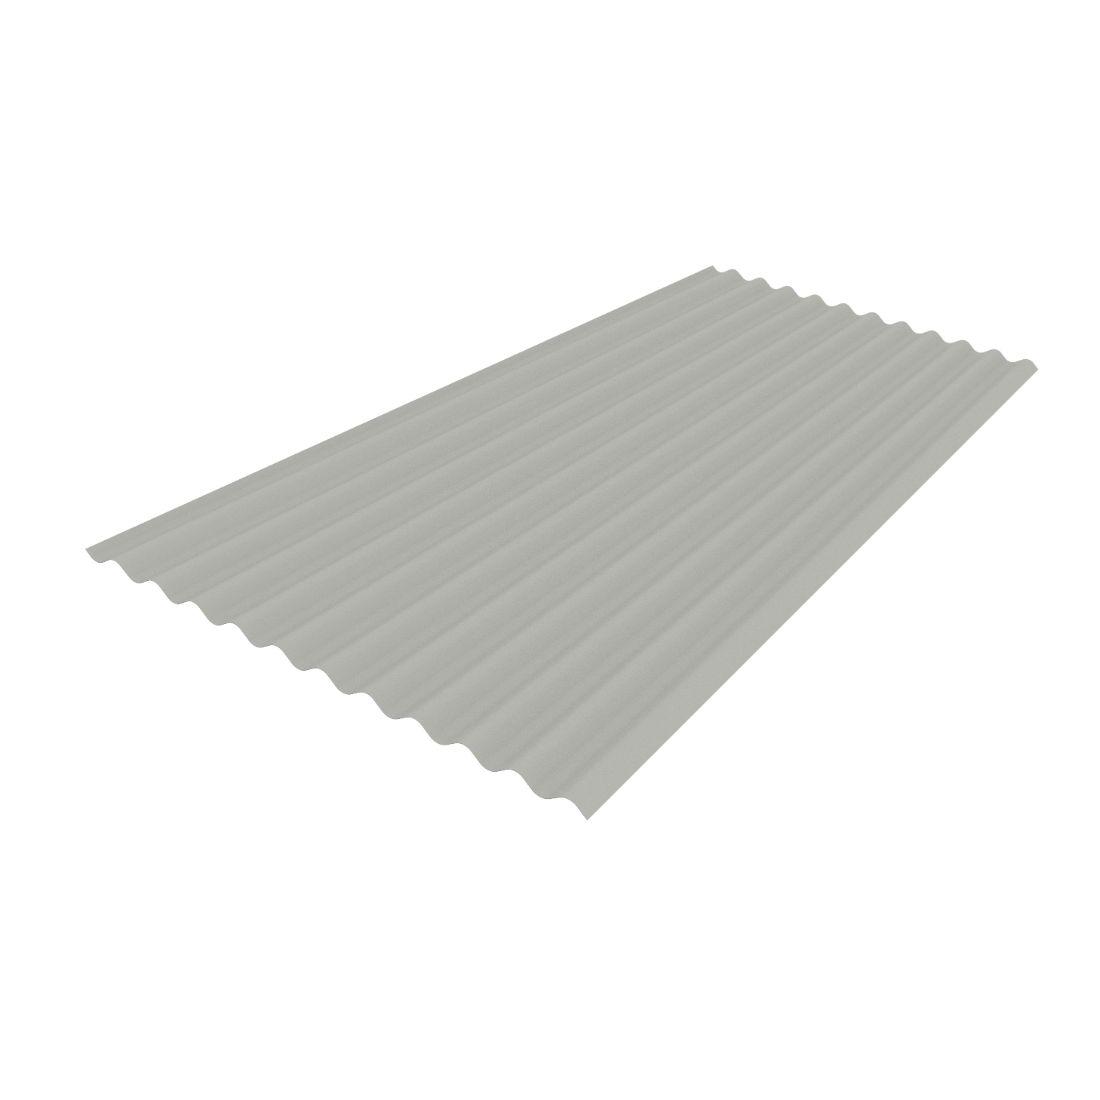 Corrugate Galvanised 0.40 BMT 3.0m